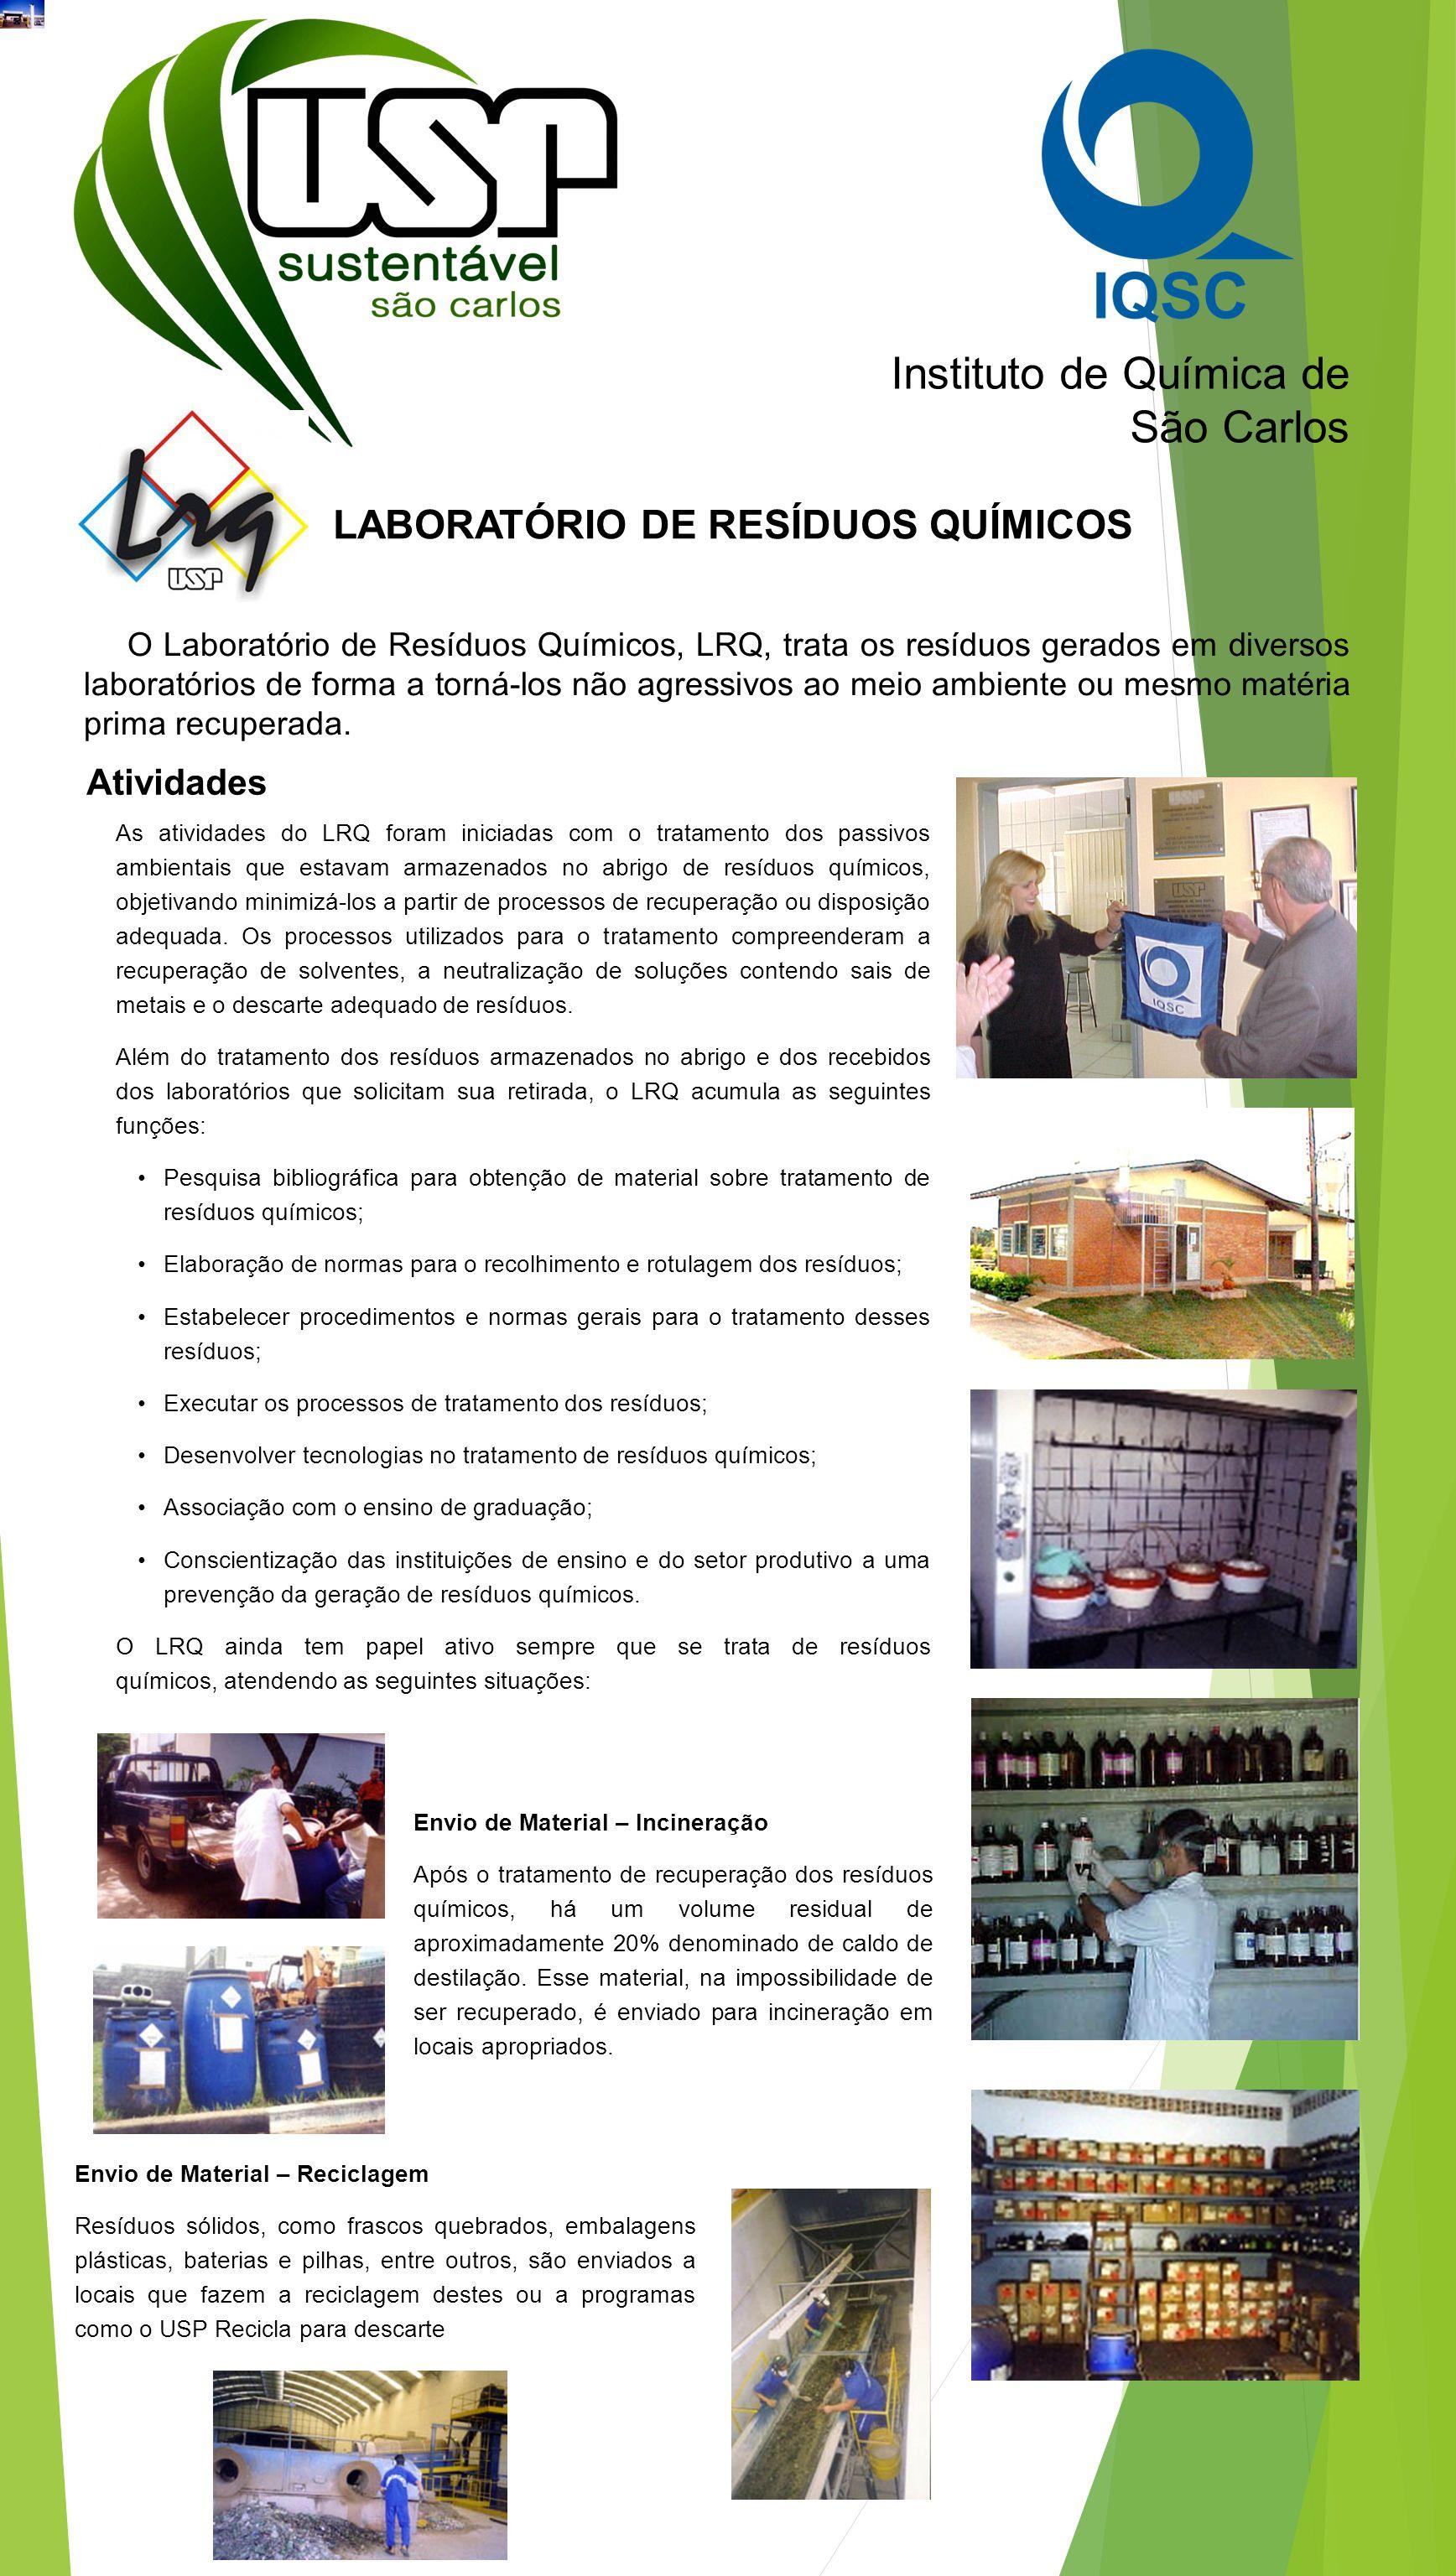 Instituto de Química de São Carlos